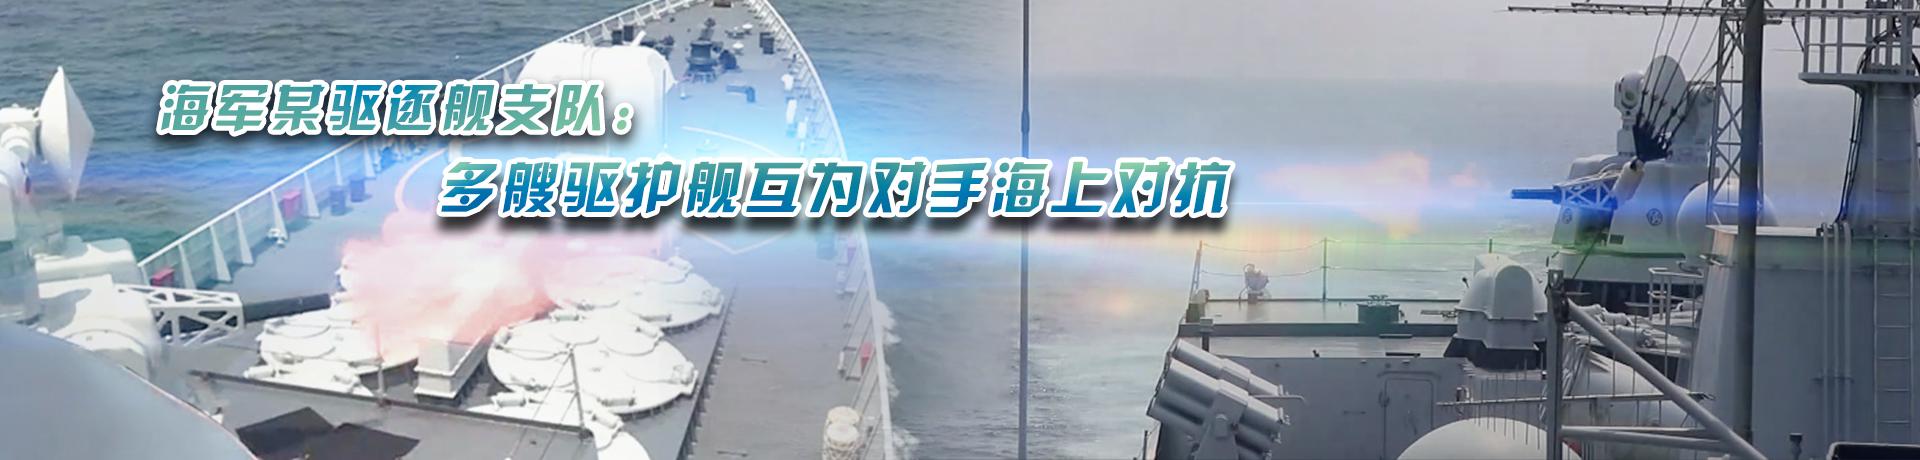 海军某驱逐舰支队:多艘驱护舰互为对手海上对抗